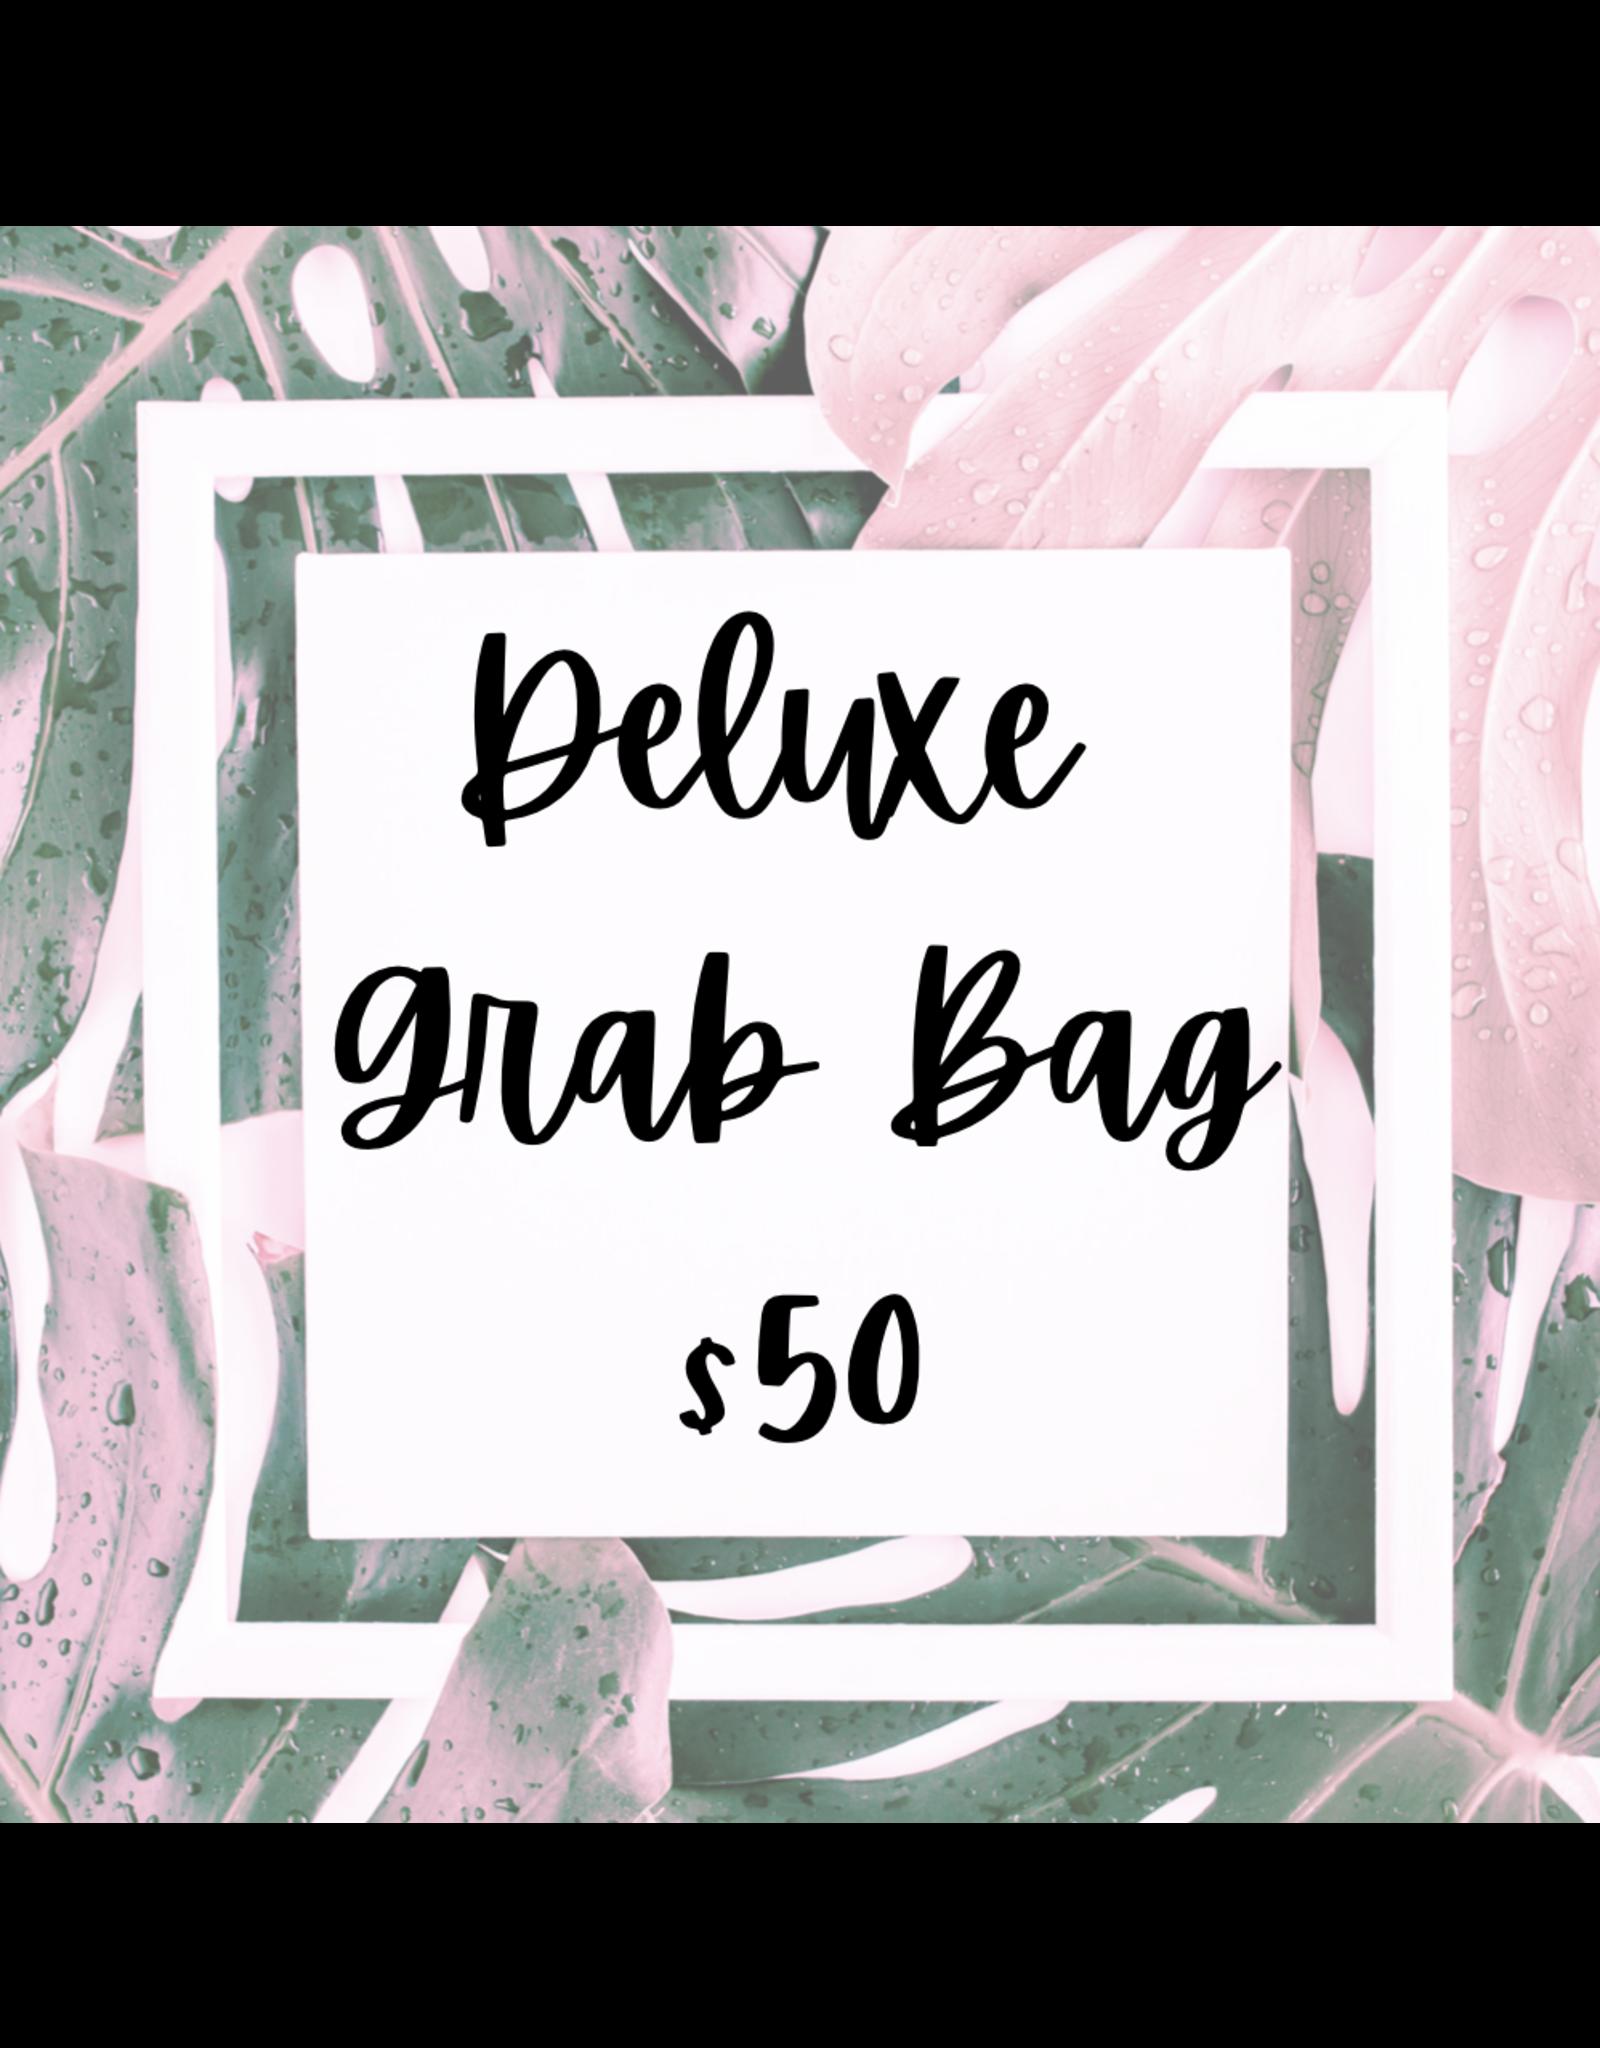 Monograms Plus Deluxe Grab Bag